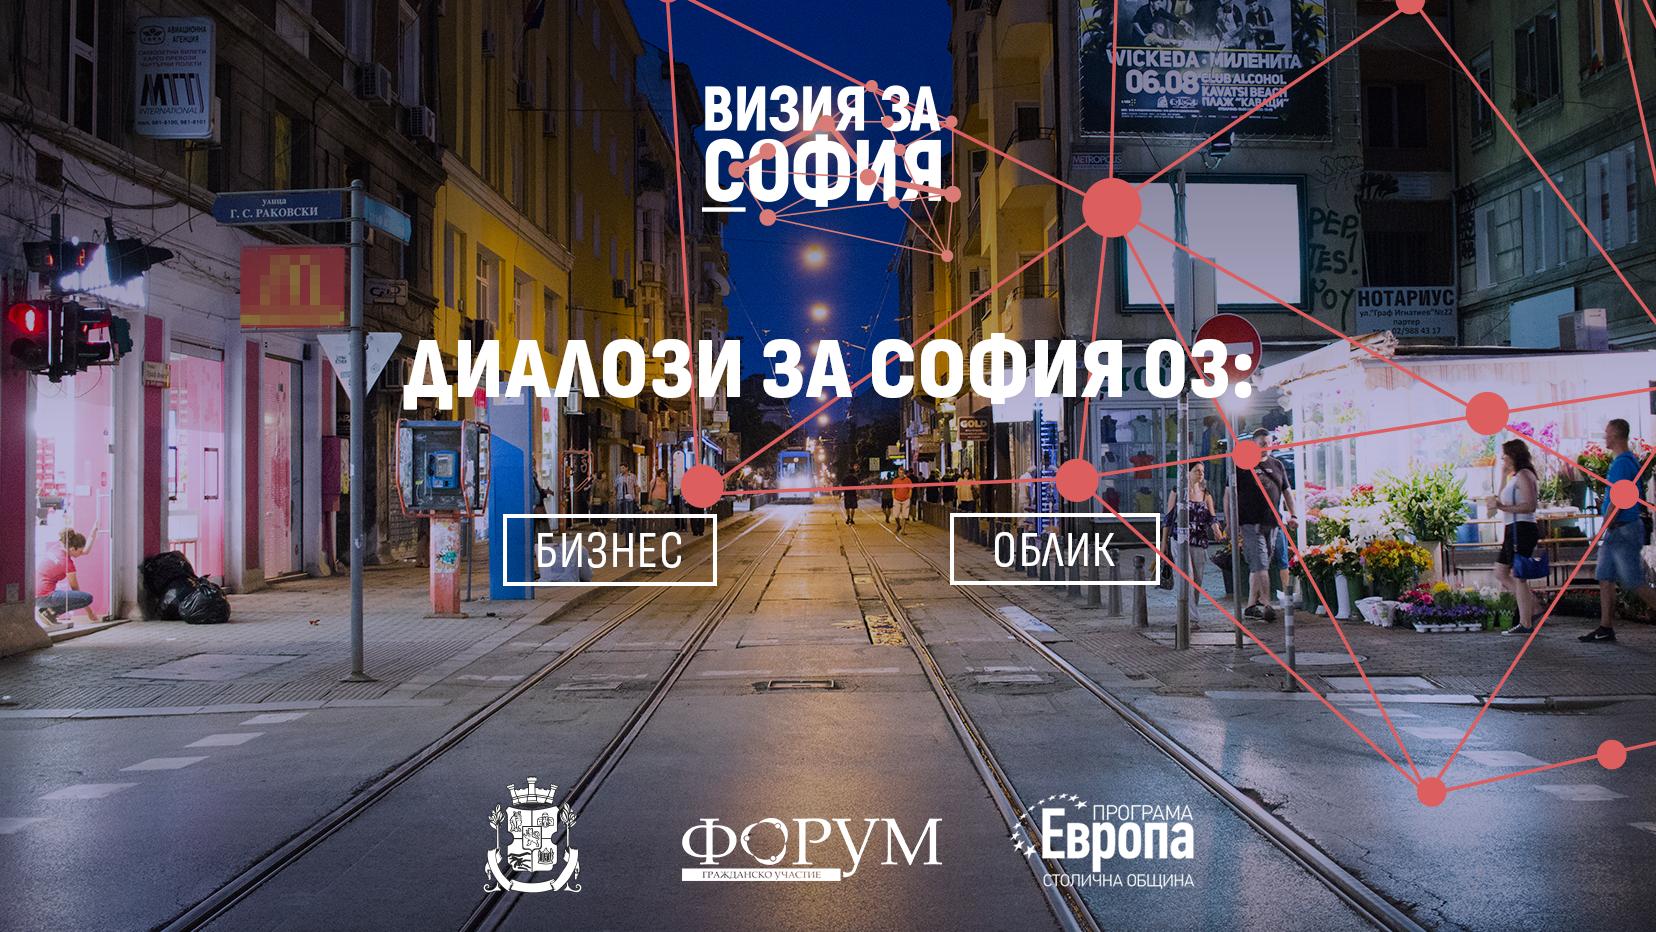 Диалози за София 03: Облик и бизнес